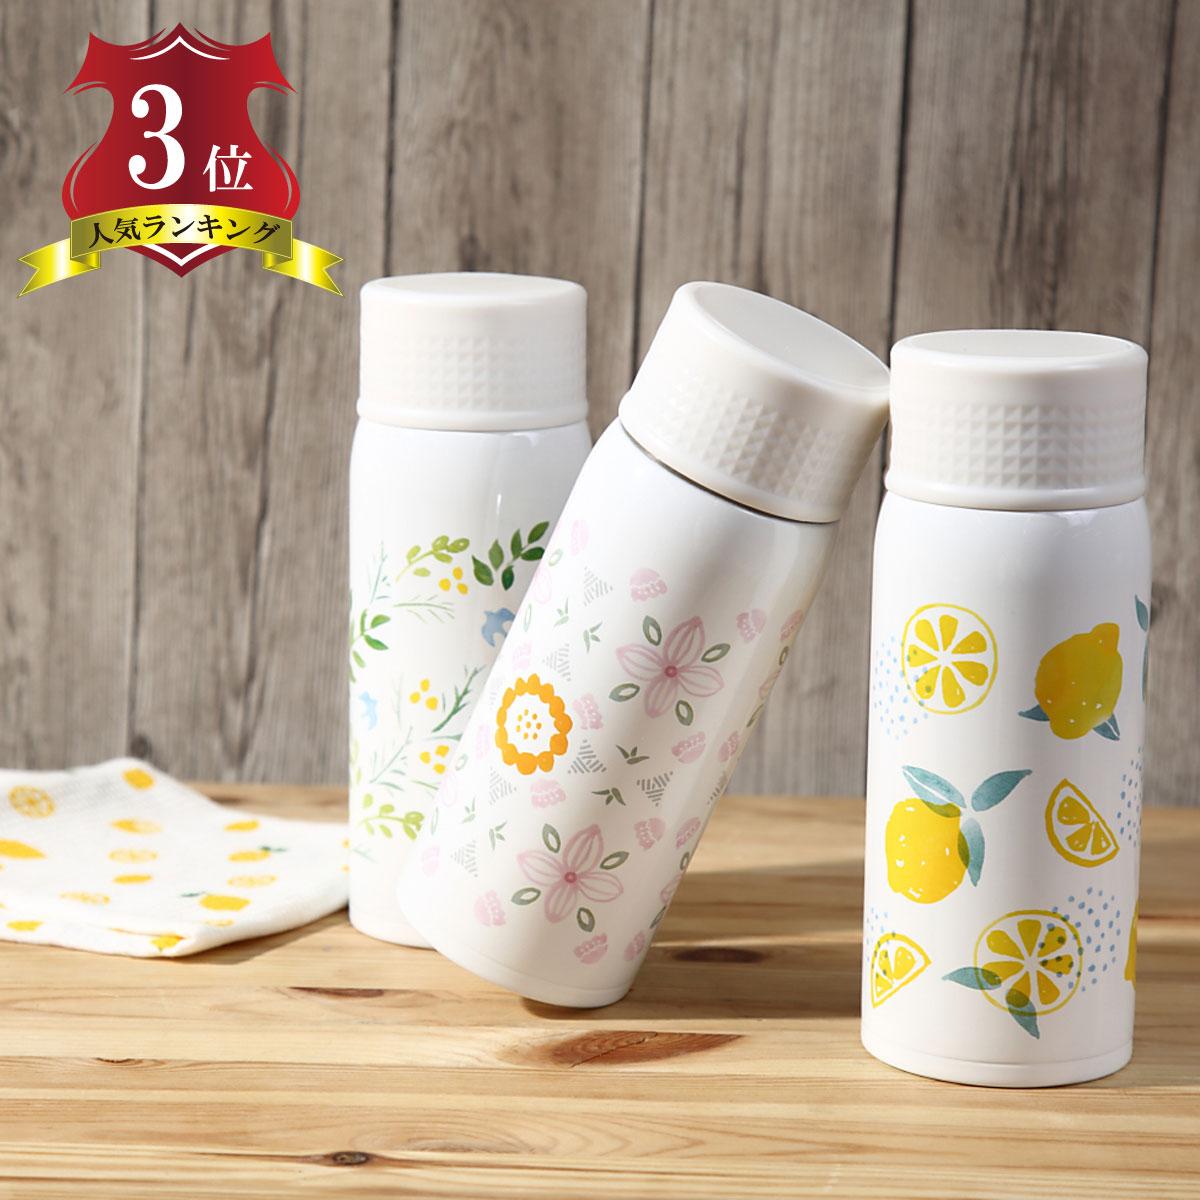 水筒 おしゃれ ステンレス ヒーリング サーモボトル マグボトル 花柄 レモン 小鳥 ことり ホワイト 白